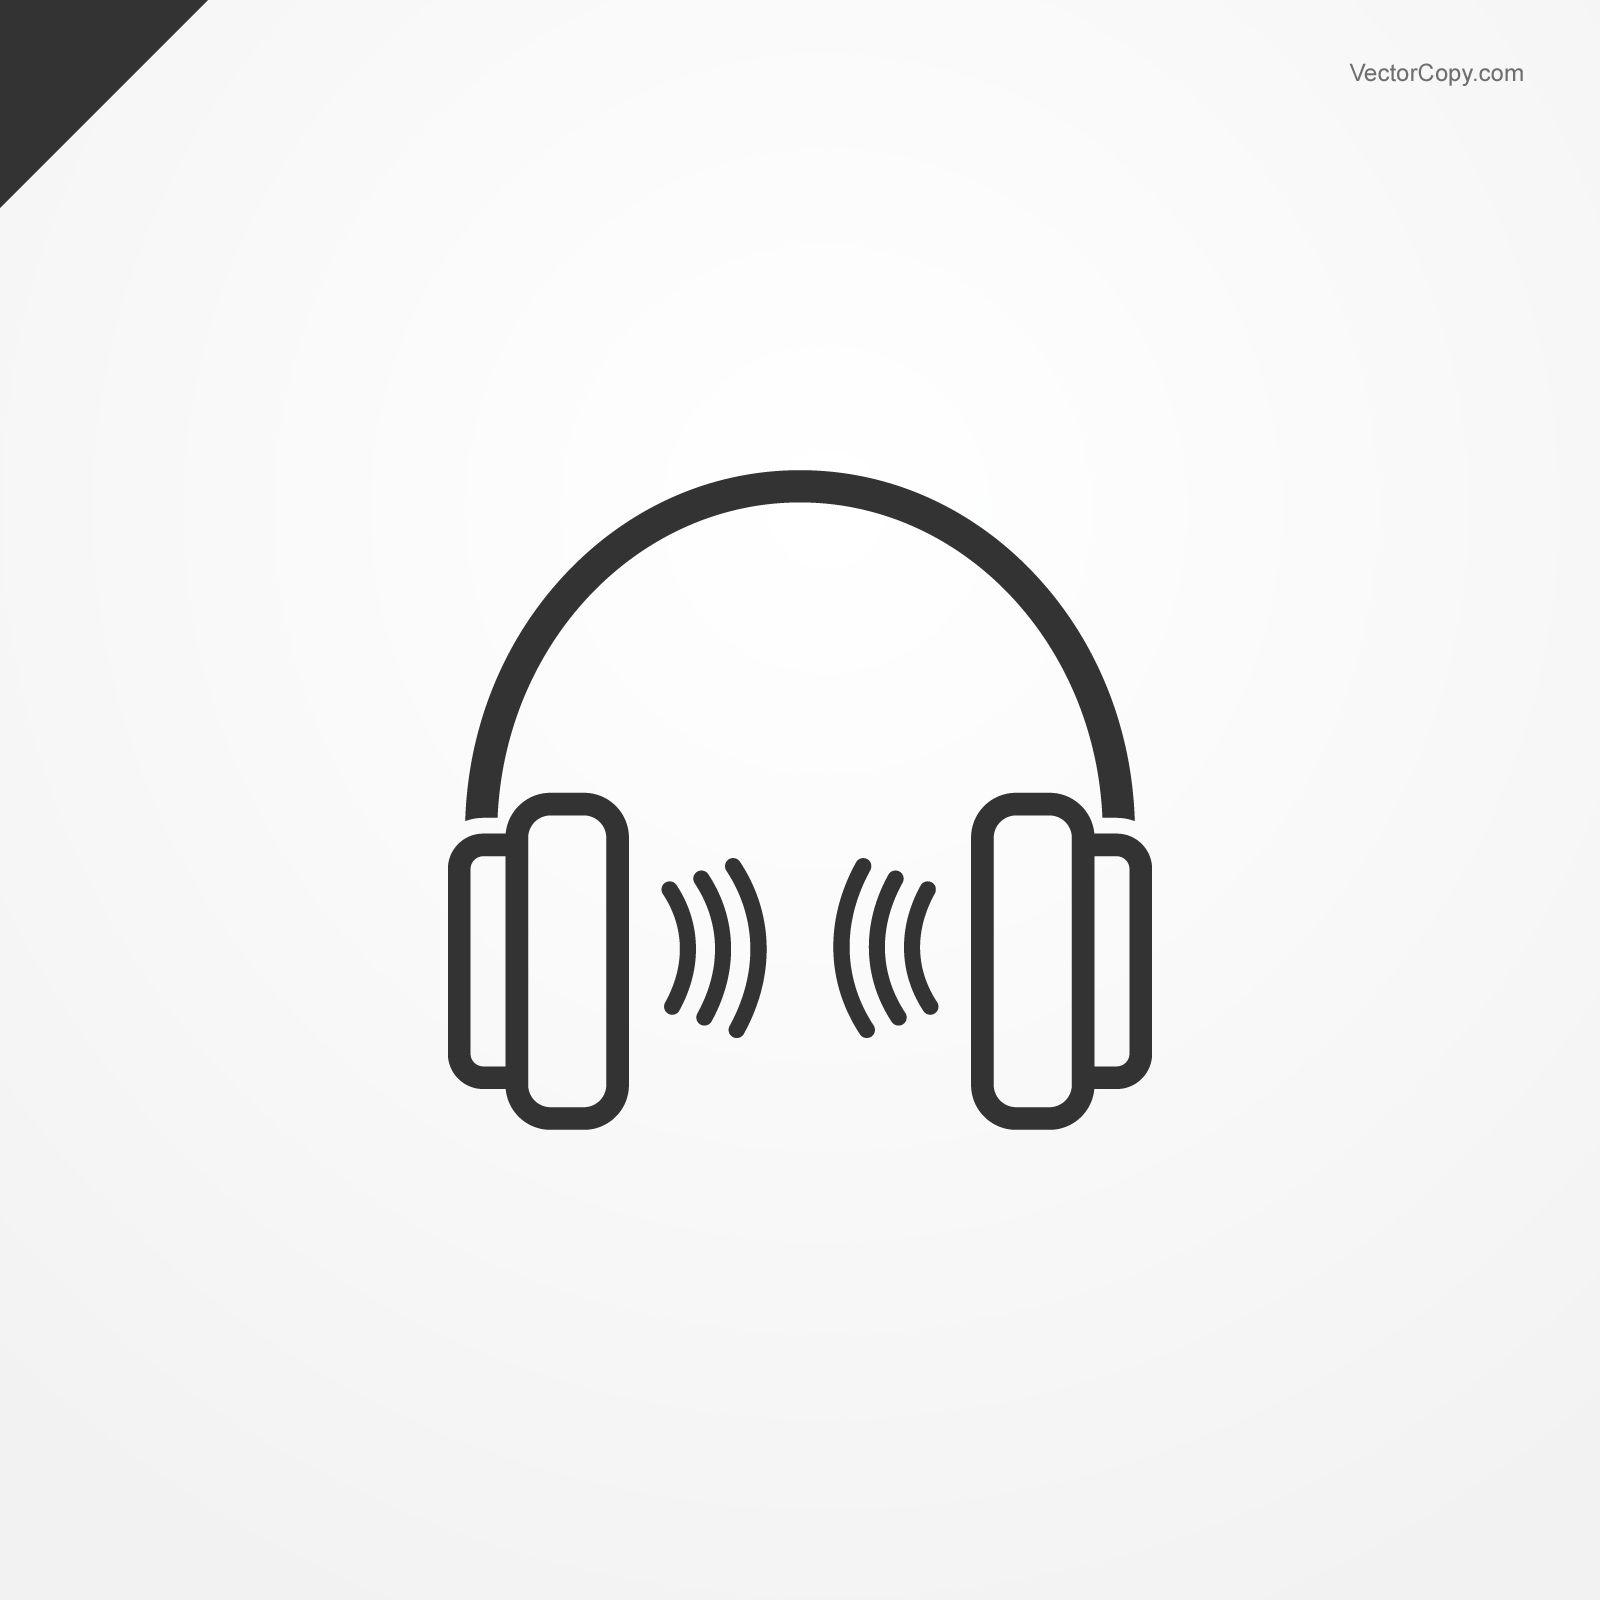 Free Vector Image Of Headphones Icon 162 Includes Graphic Collections Of Headphones Icon And Music You Can Tatuagem Musica Tatuagens De Musica Tatuagem